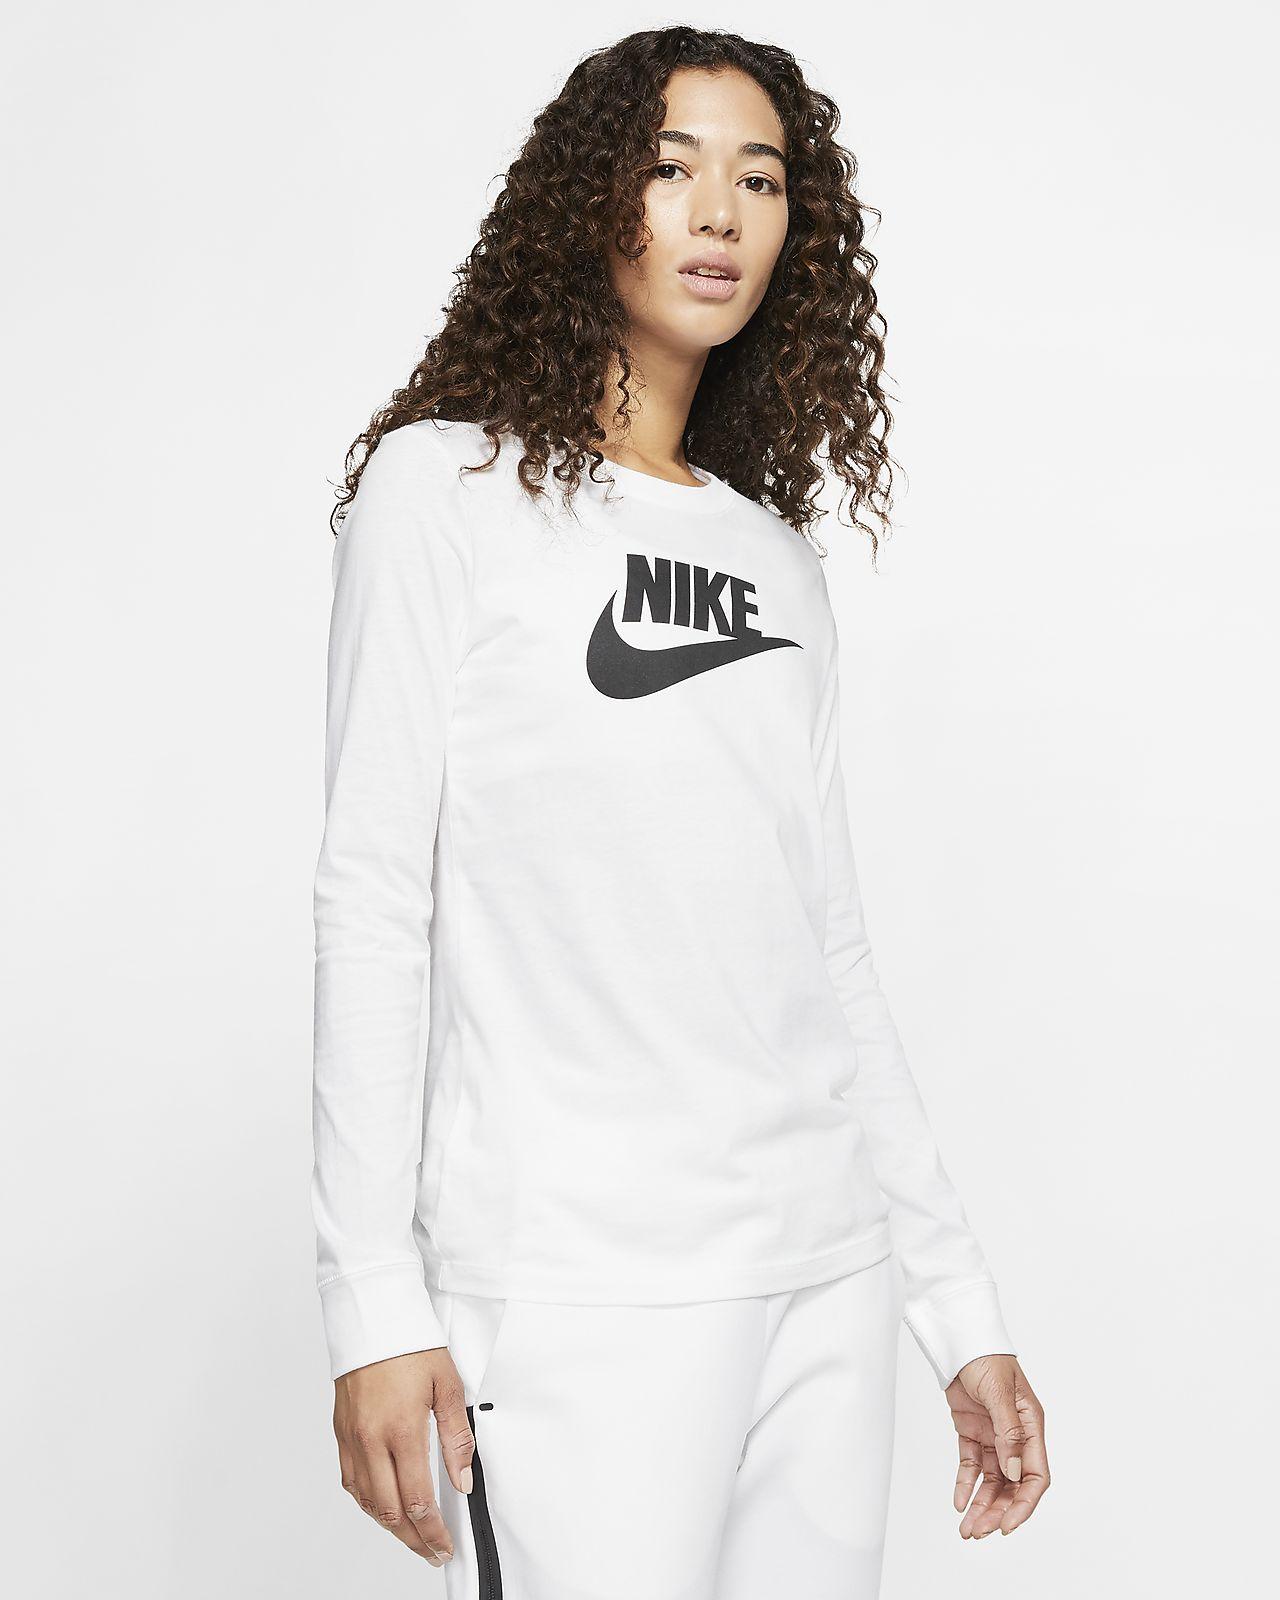 Nike Sportswear Women's Long Sleeve T Shirt Pink | BV6171